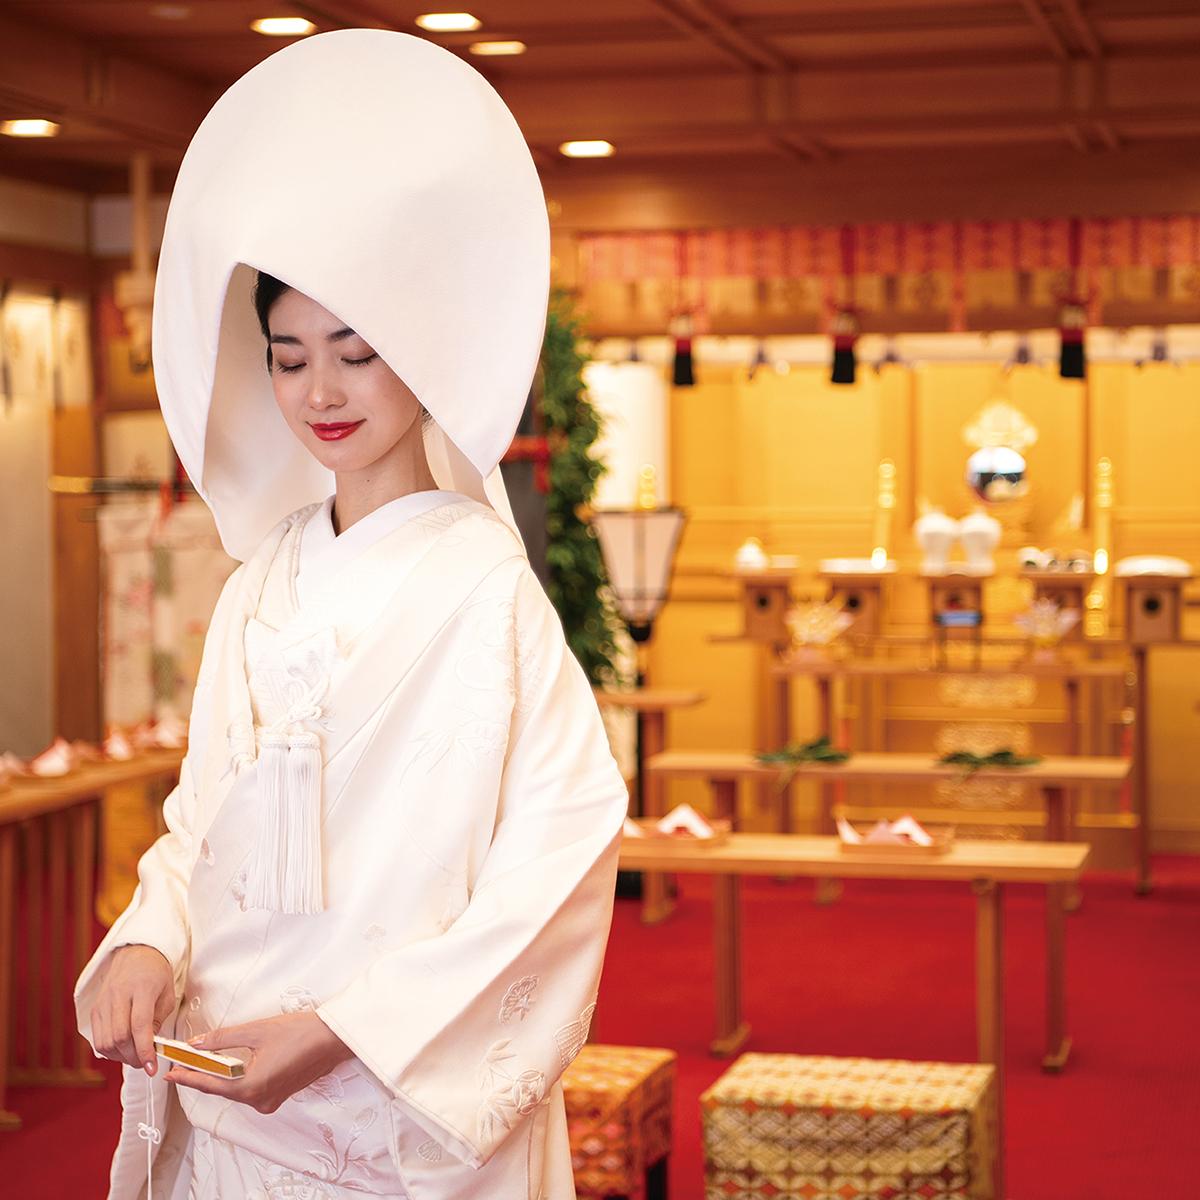 結婚式の魅力 第3回 「神前式」新着情報イメージ3